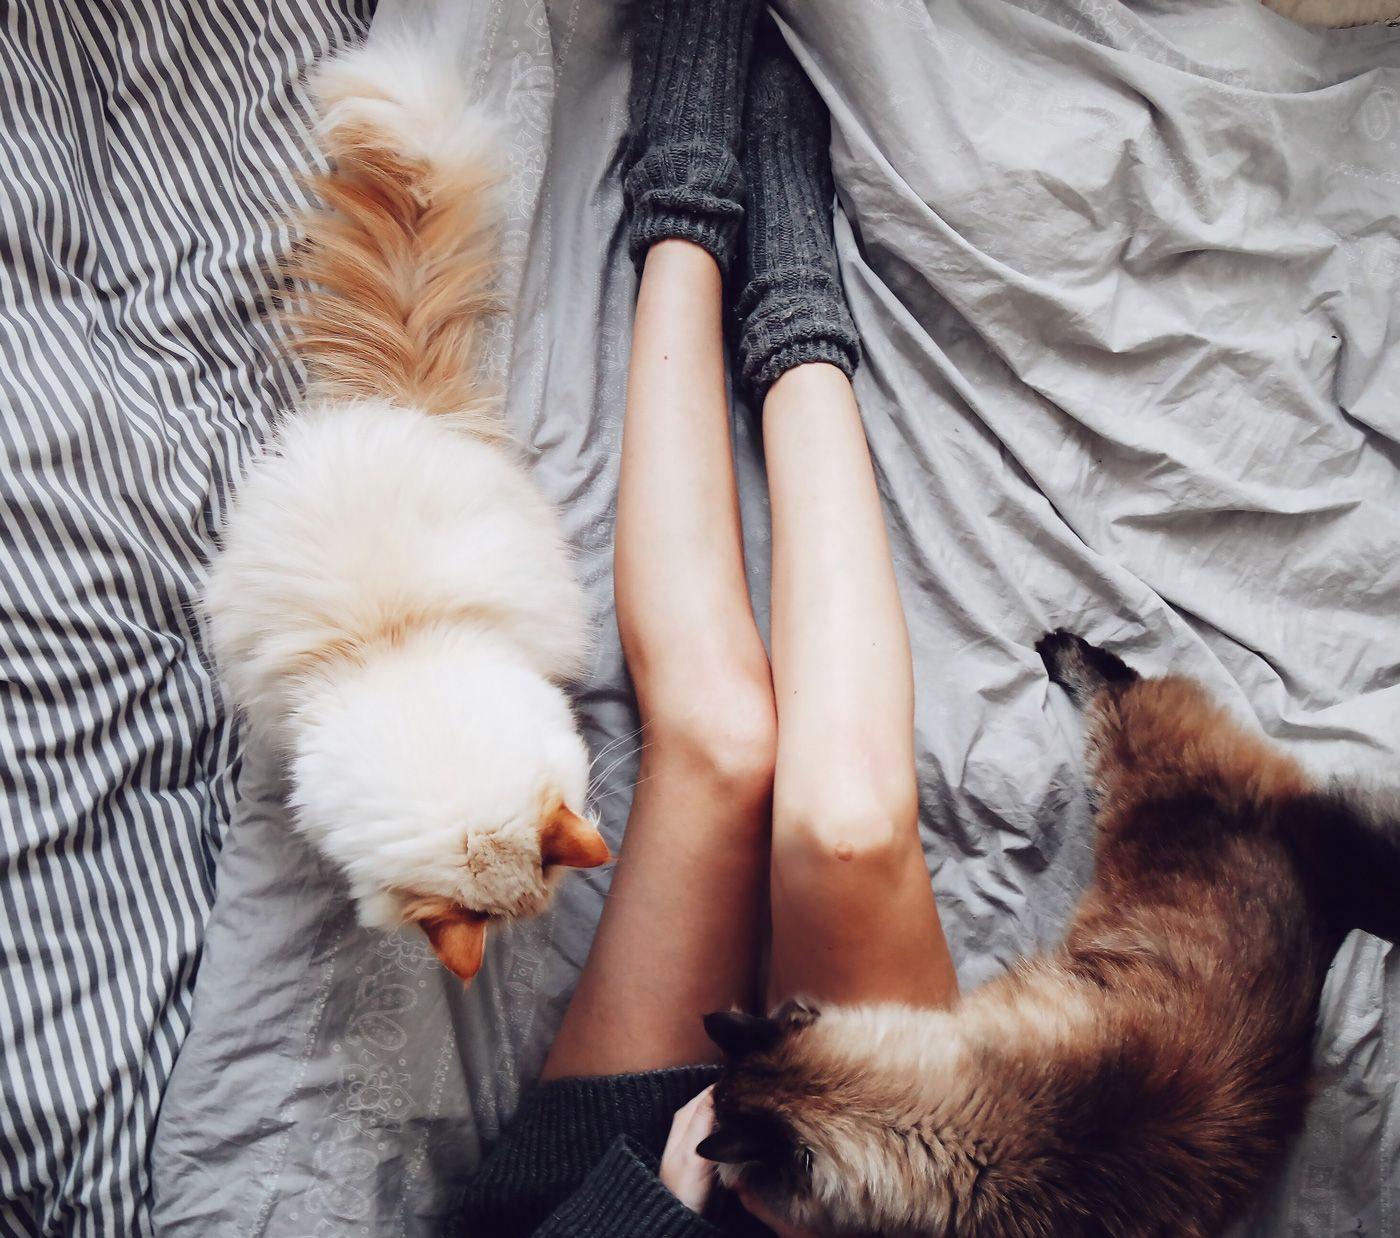 Meine Erfahrungen mit Katzenhaltung - bekleidet - fashionblog / travelblog / interiorblog Germany